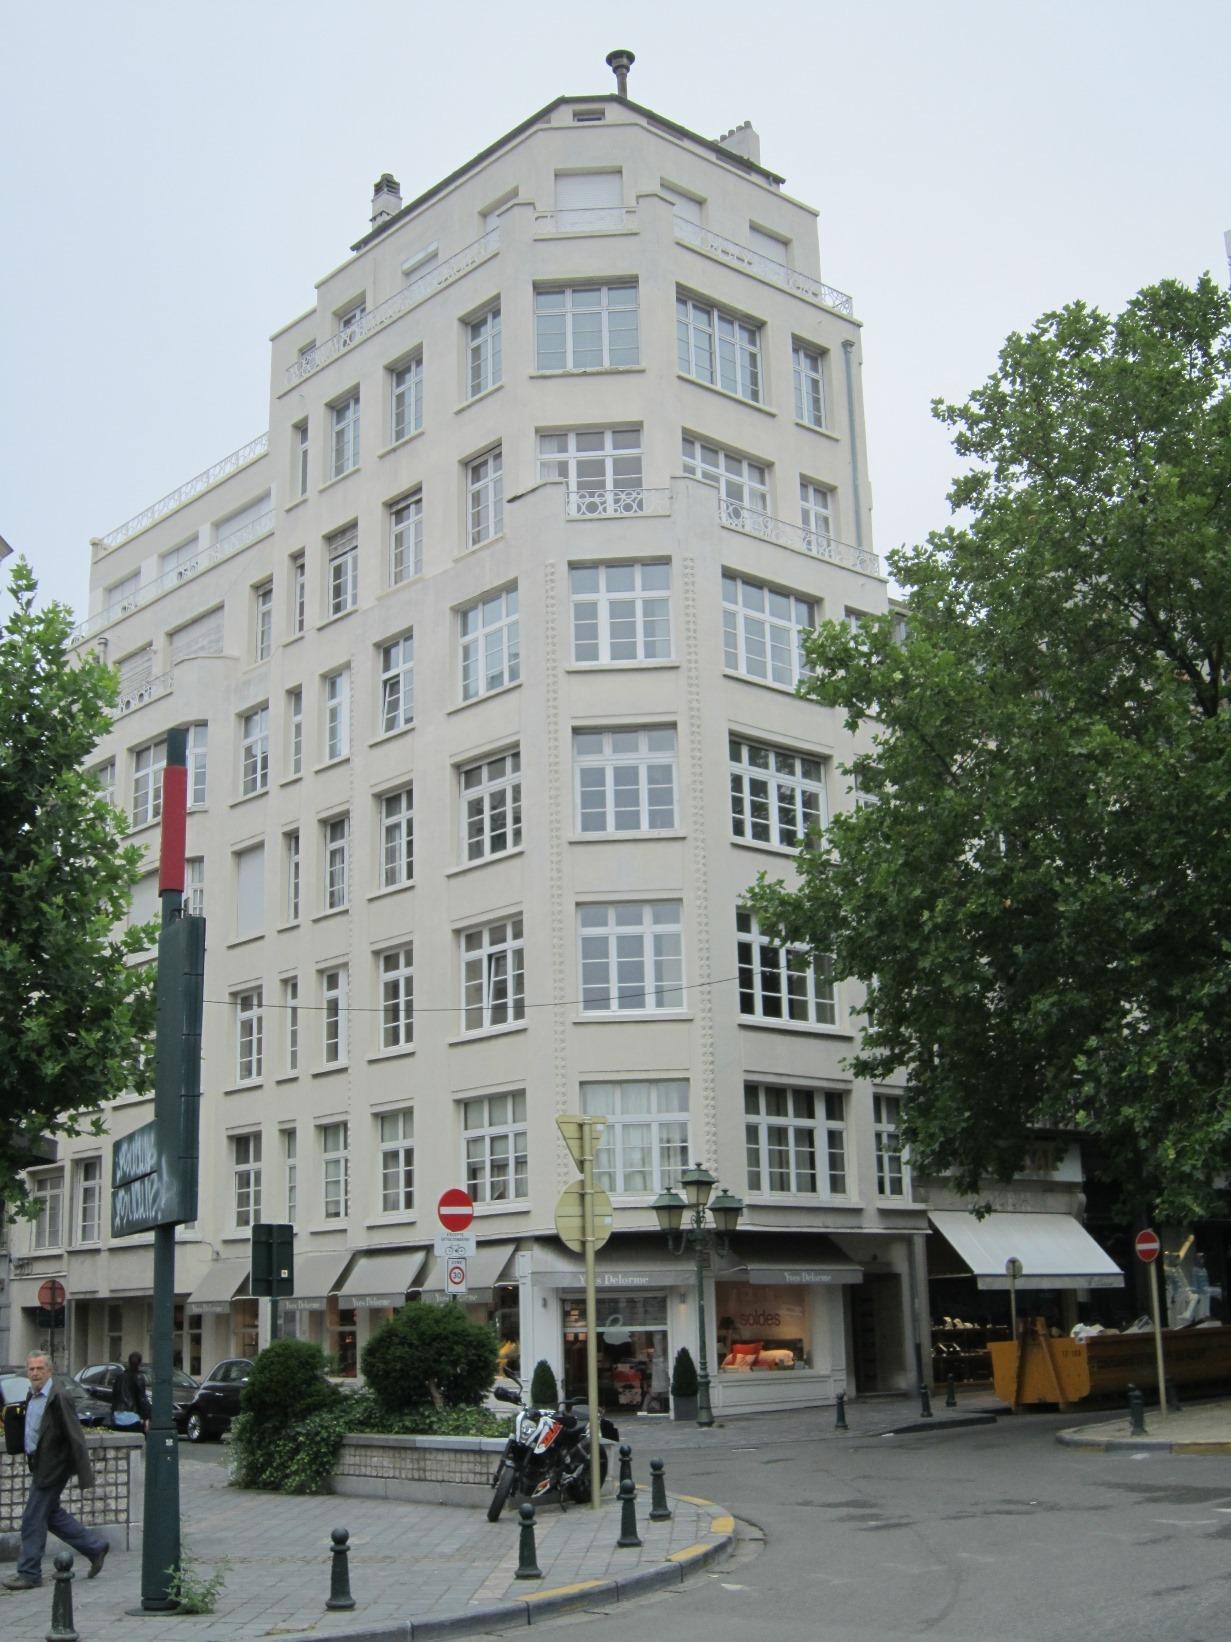 Waterloolaan 58-58A - Grotehertstraat 26-28, 2015